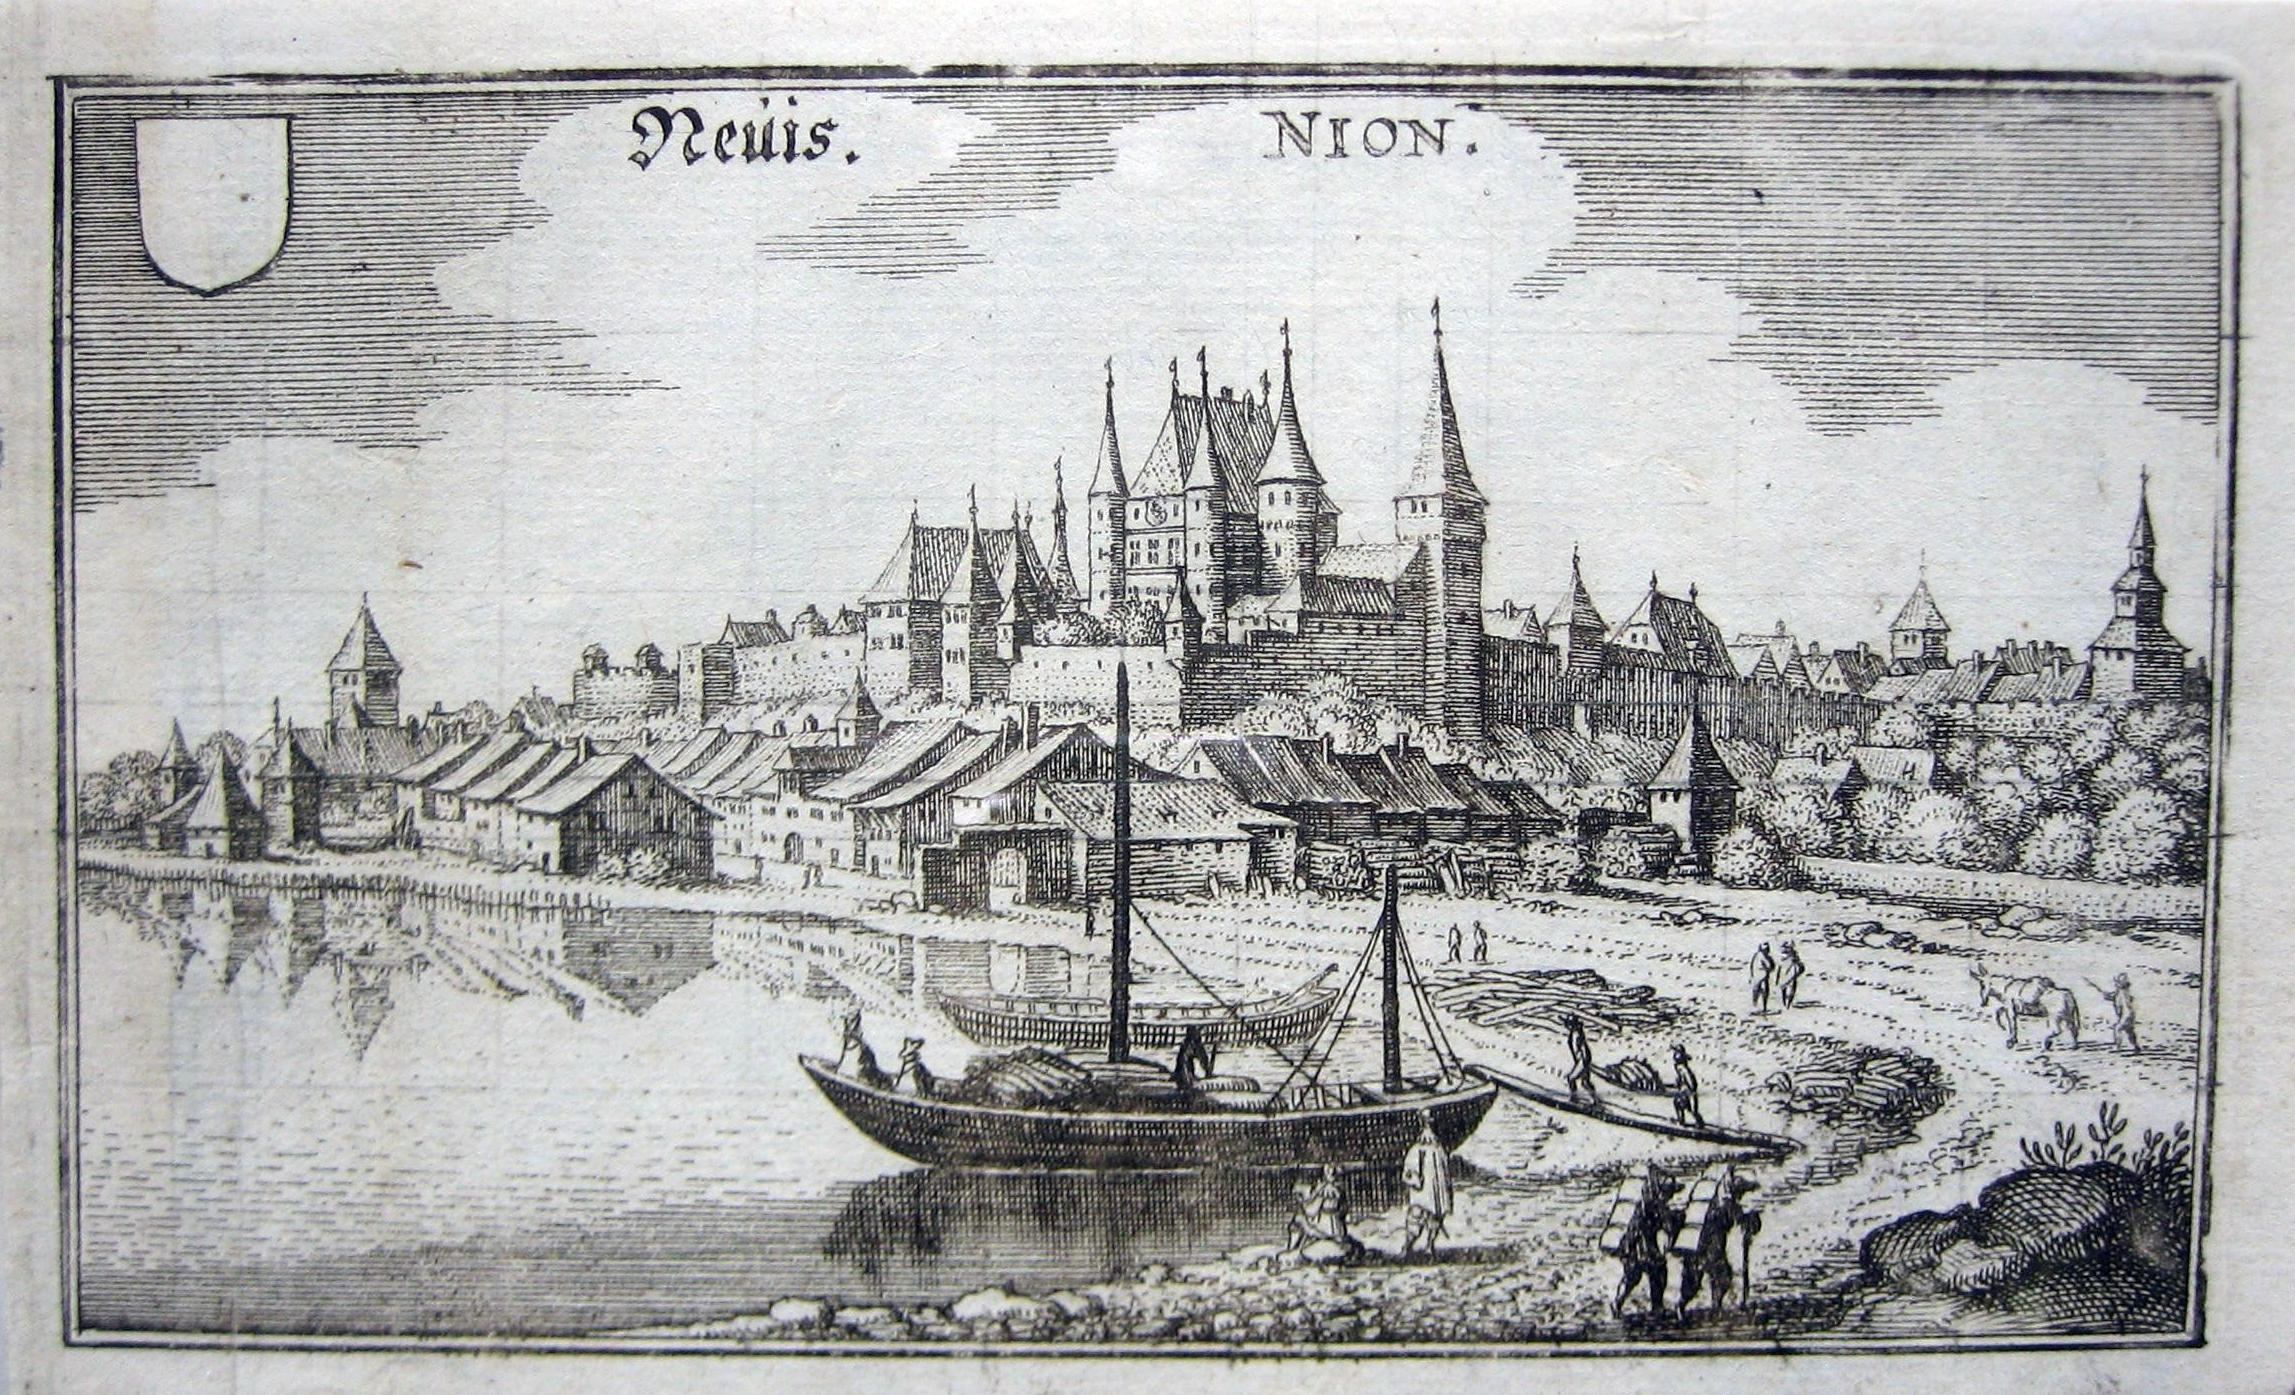 File:Nyon in 1642.jpg